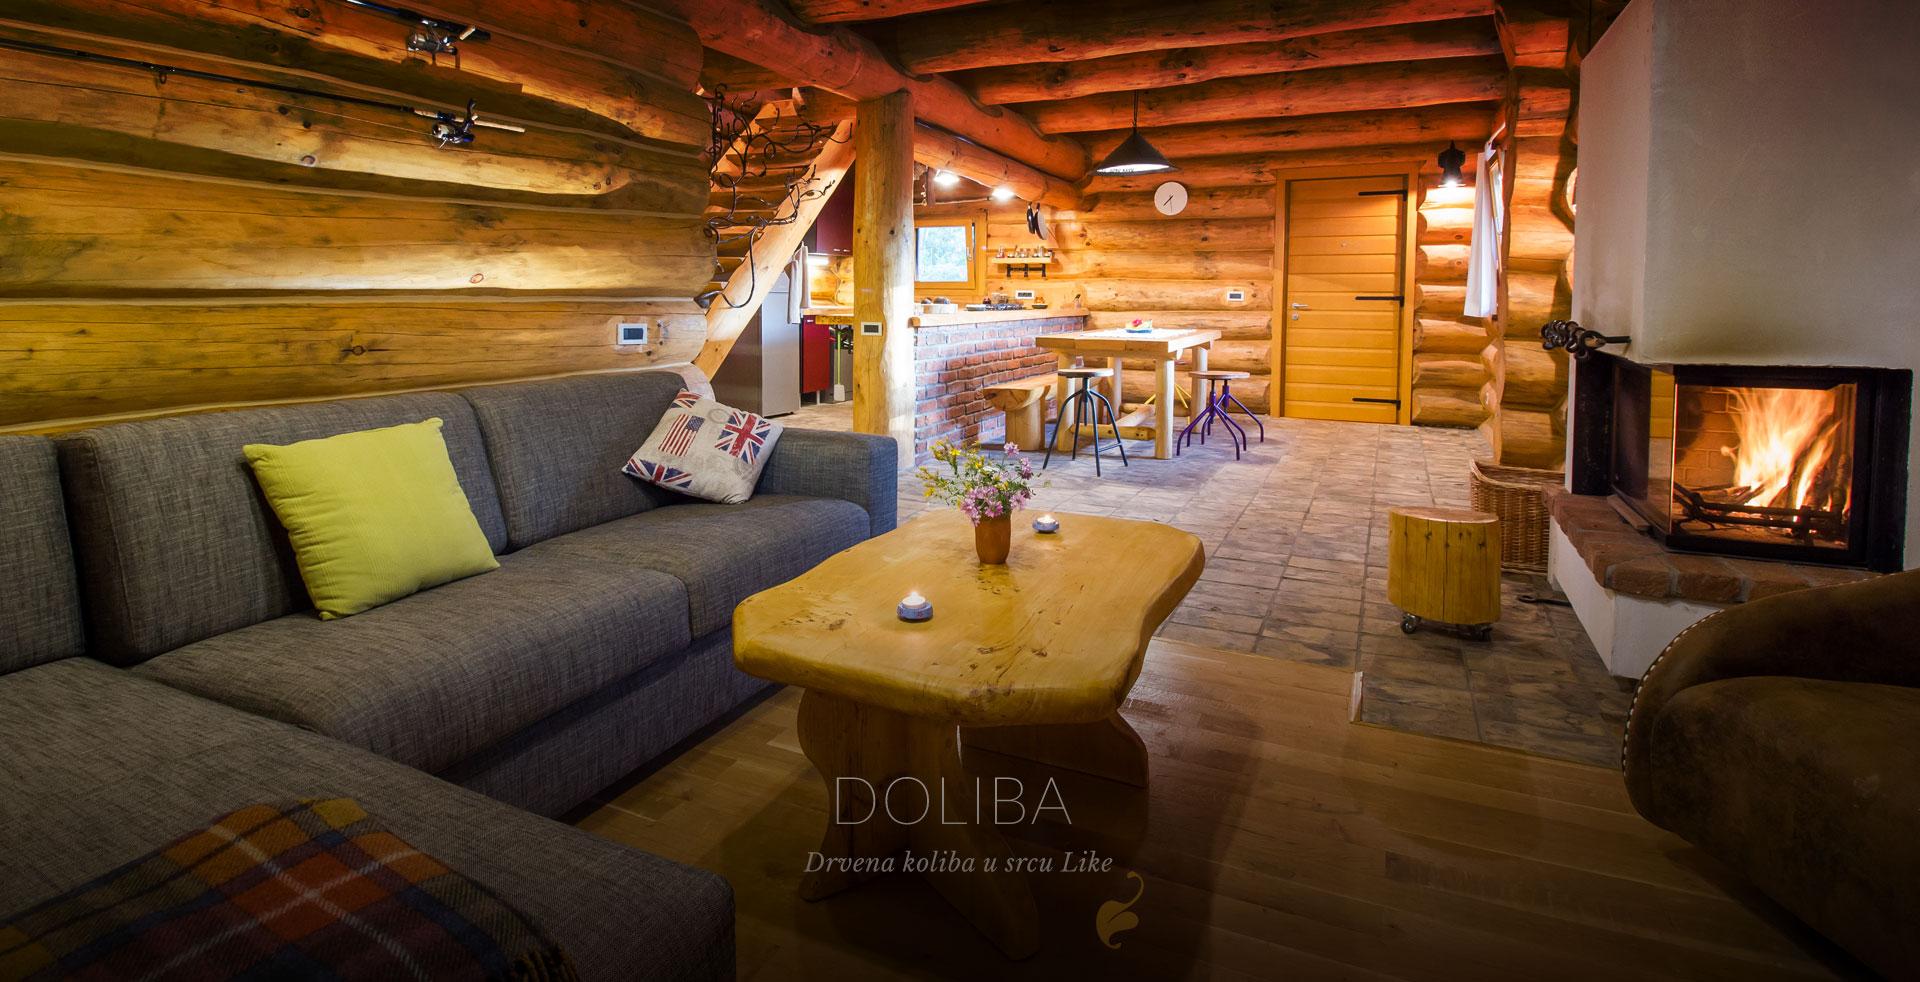 doliba_slide5